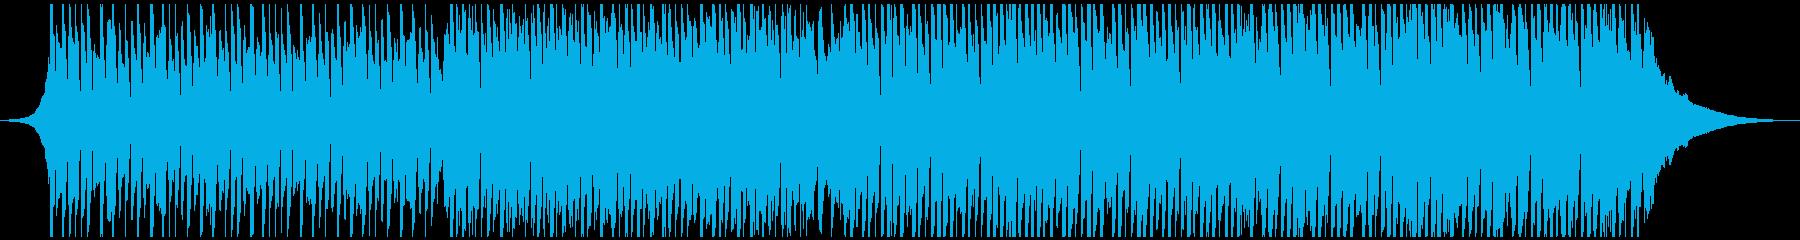 ポップコーポレート(ショート)の再生済みの波形